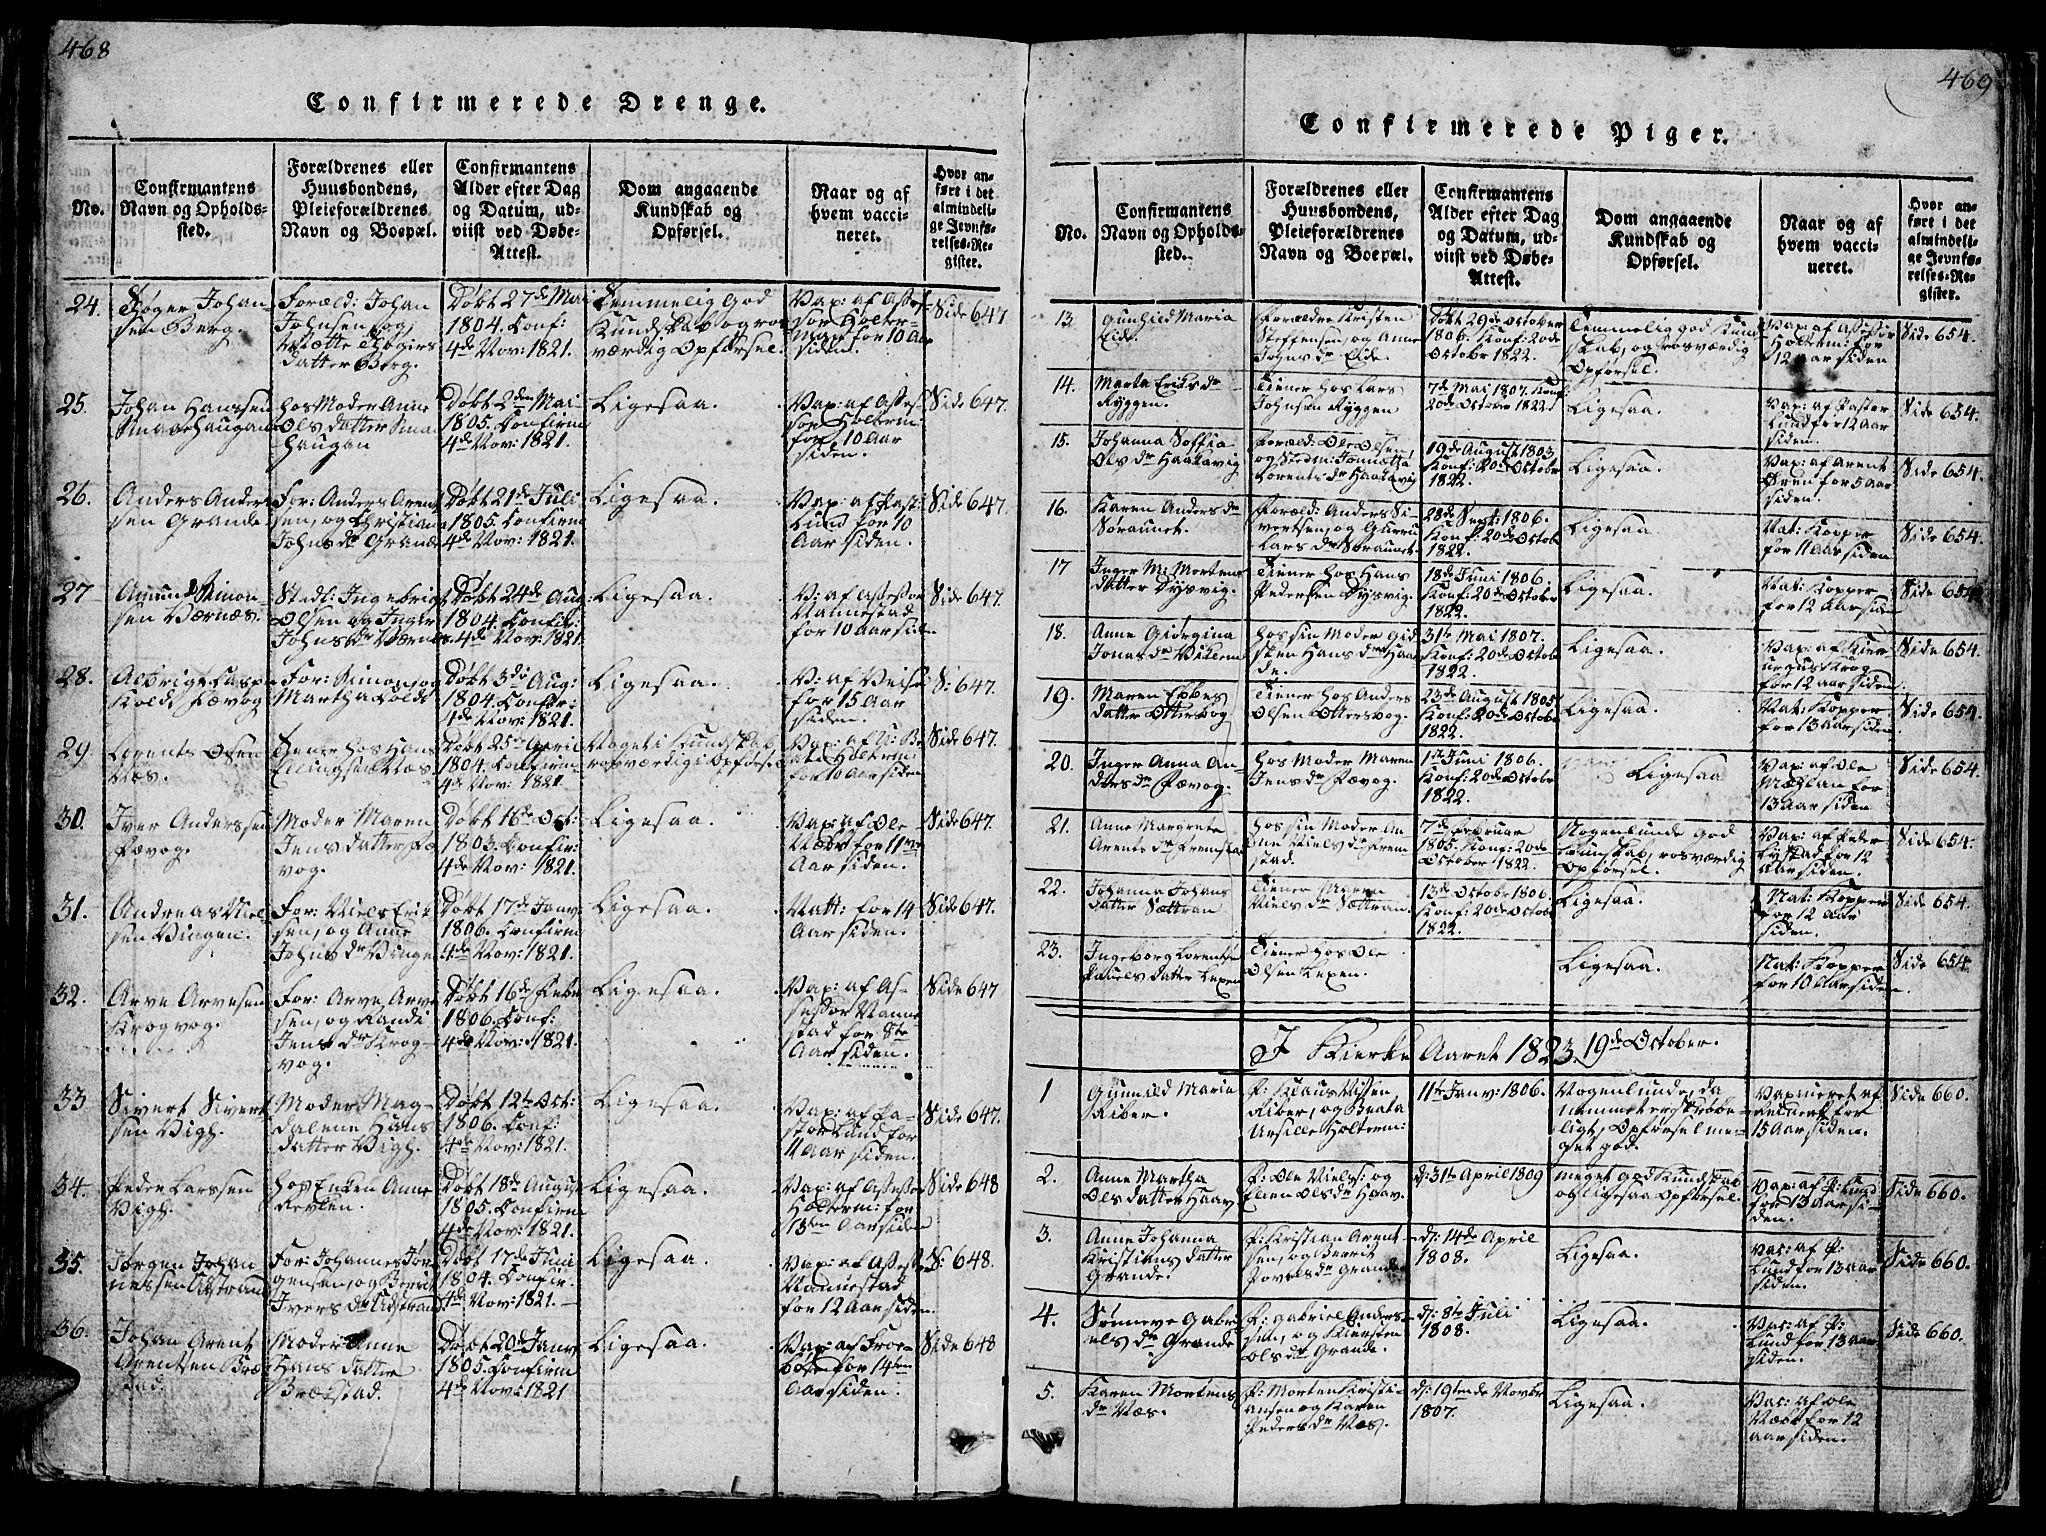 SAT, Ministerialprotokoller, klokkerbøker og fødselsregistre - Sør-Trøndelag, 659/L0744: Klokkerbok nr. 659C01, 1818-1825, s. 468-469